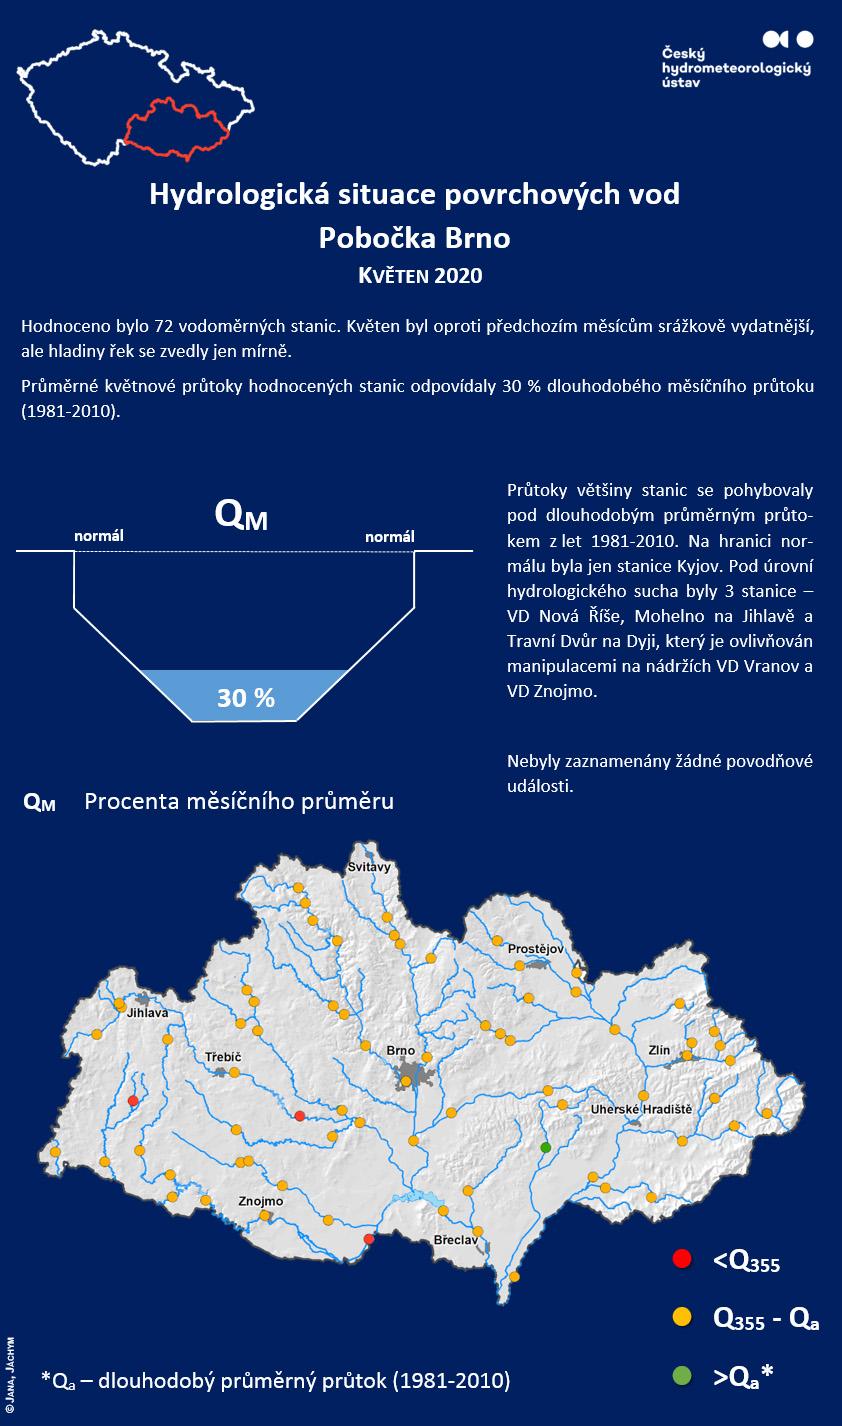 Hydrologická situace povrchových vod Pobočka Brno – květen 20201 min čtení